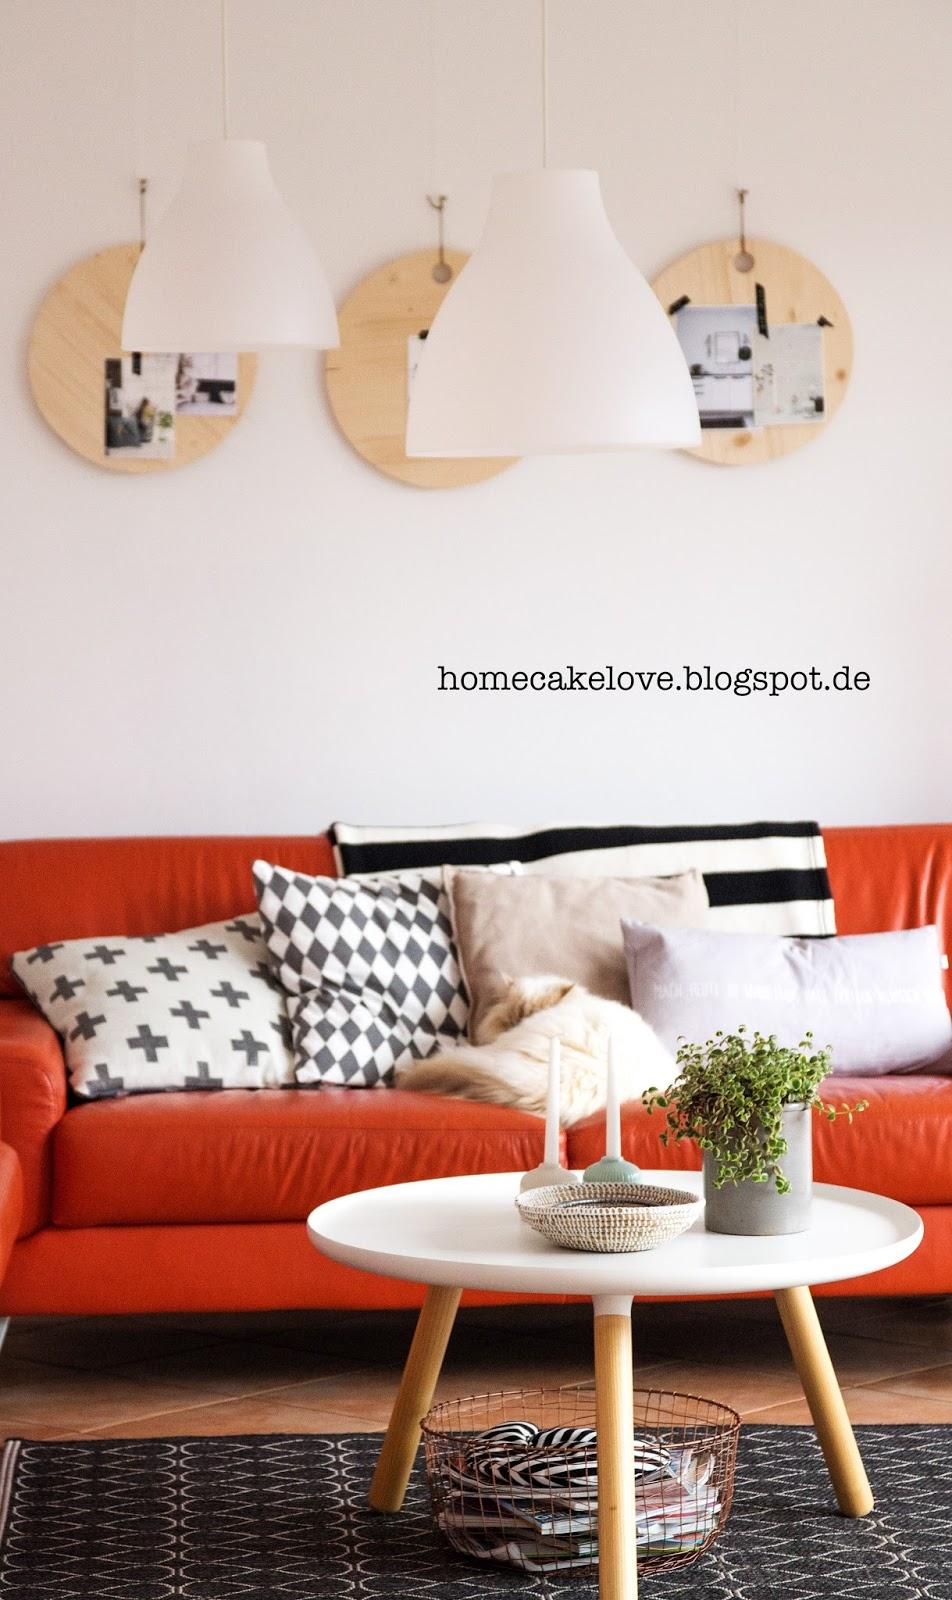 homecakelove living. Black Bedroom Furniture Sets. Home Design Ideas